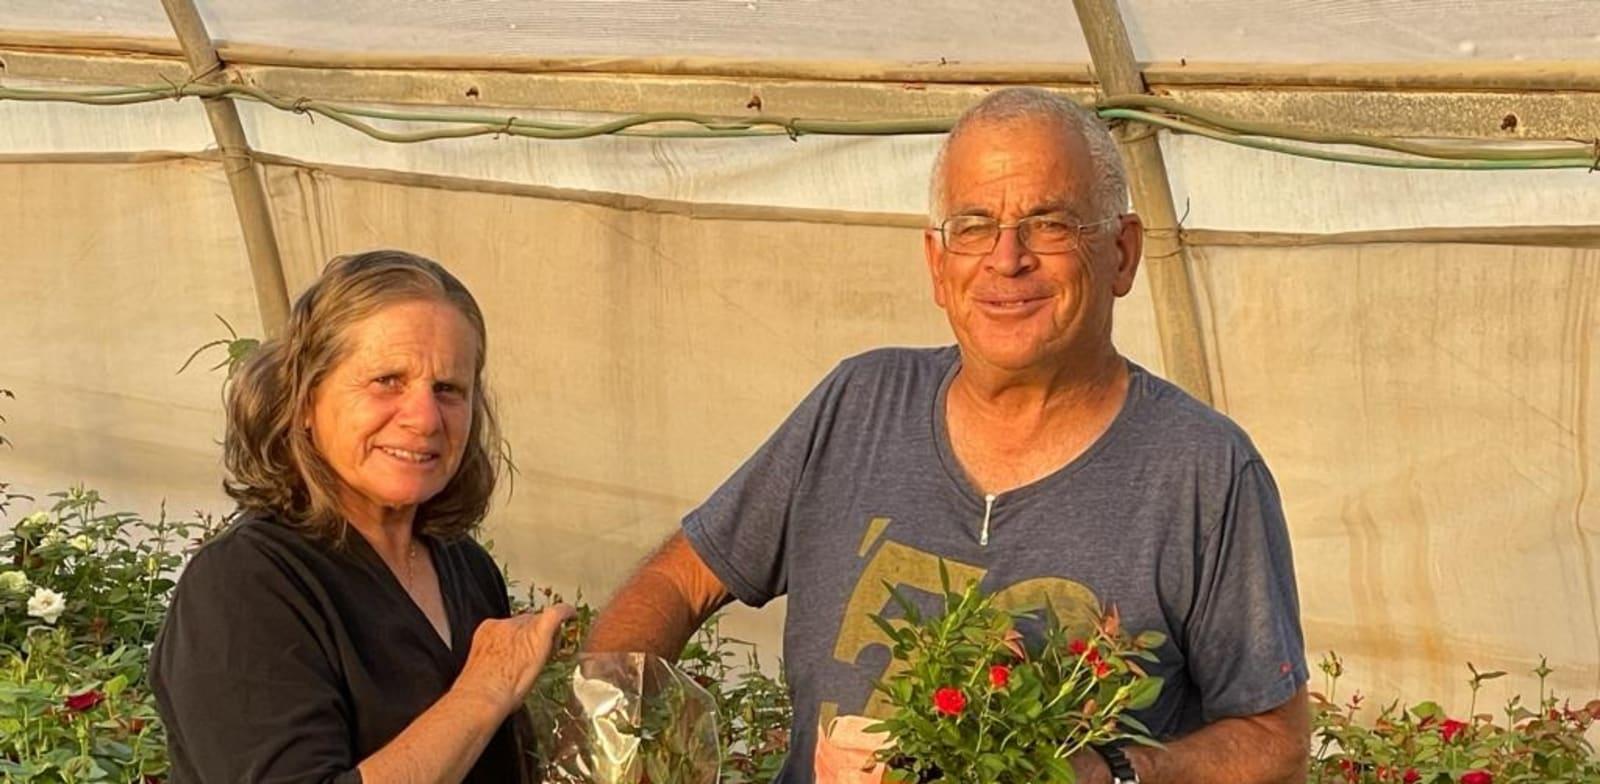 ינון ואסתר (אתי) סטרשנוב, מגדלי פרחים, עציצים פורחים ועציצי תבלין / צילום: מיכל סטרשנוב